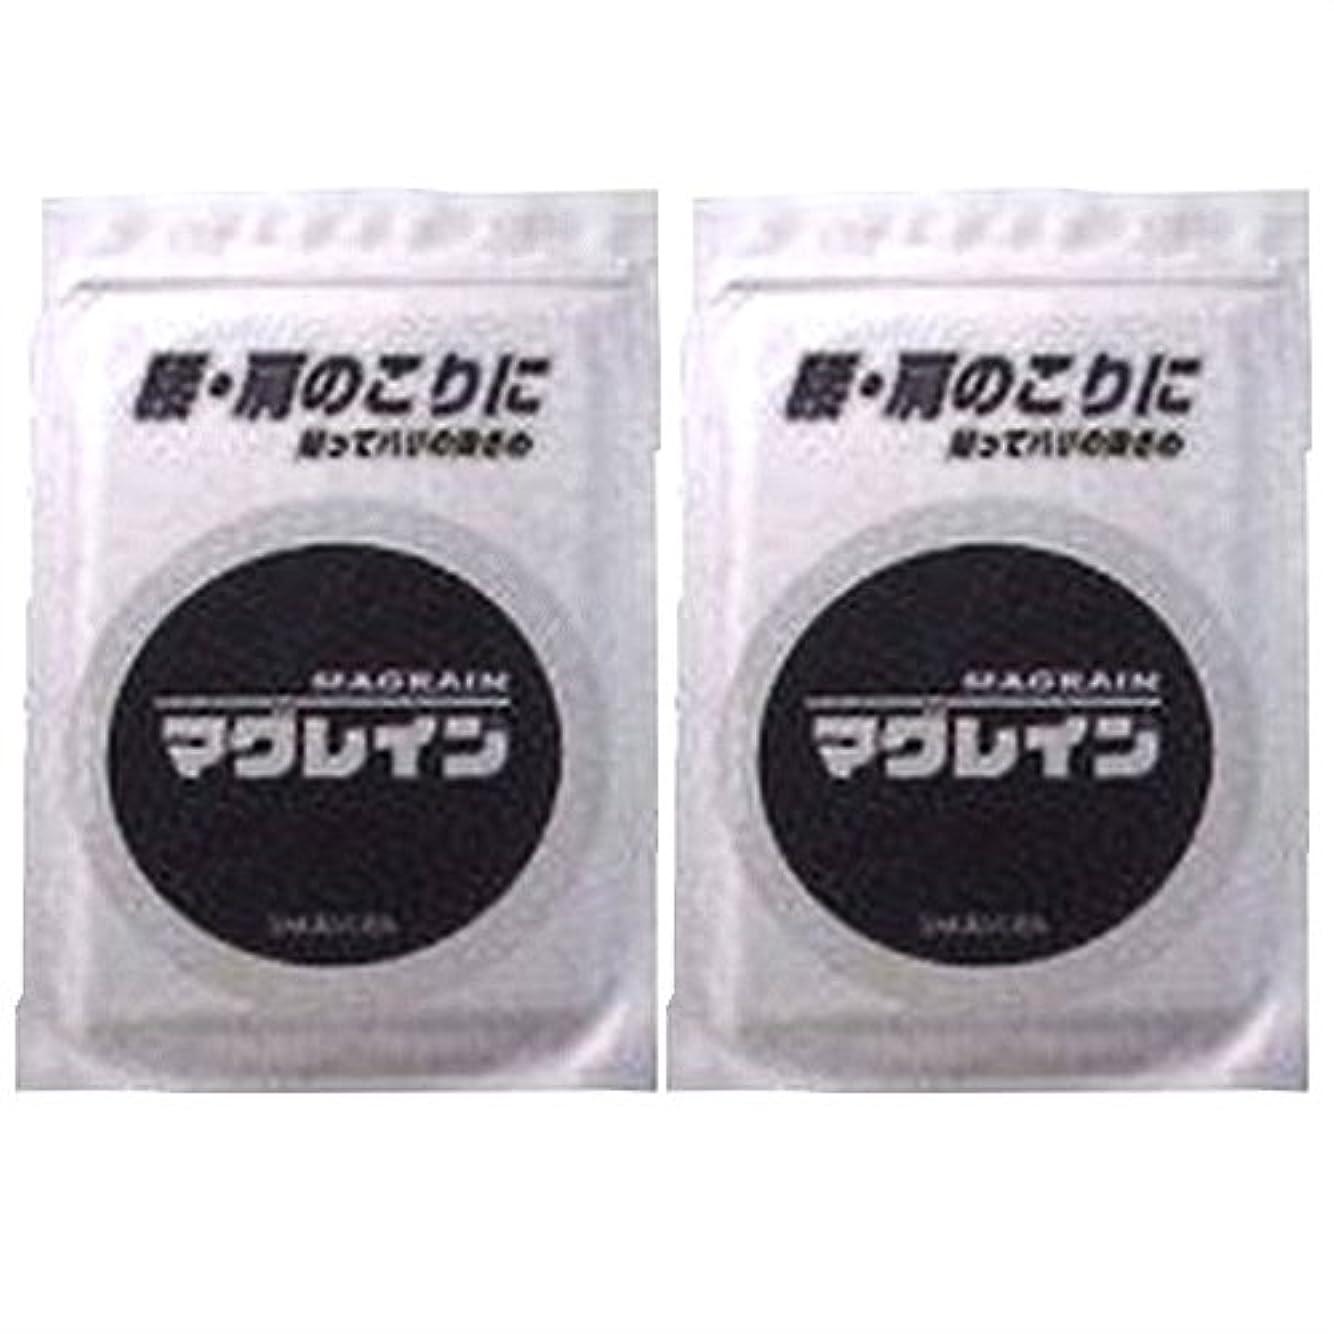 フェザー触手収益マグレイン チタン 200粒入 肌色テープ(I) ×2個 セット